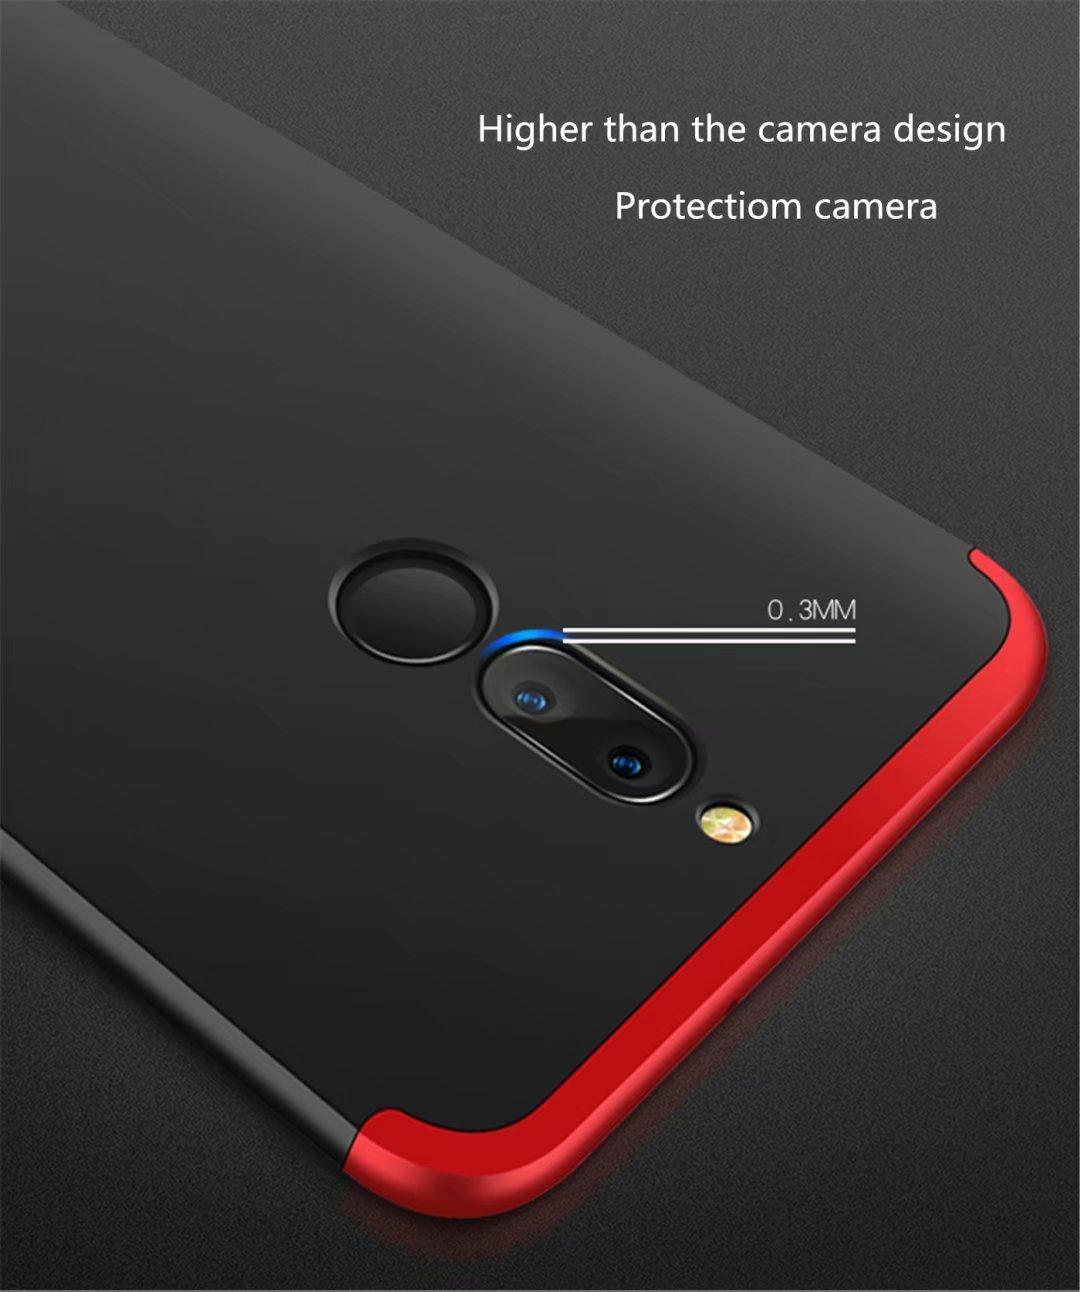 Joytag Funda Huawei P20 Lite 360 Grados Oro Ultra Delgado Todo Incluido Caja del tel/éfono de la Protecci/ón 3 en 1 Huawei Nova 3e PC Case Protectora de Pel/ícula de Vidrio Templado Oro